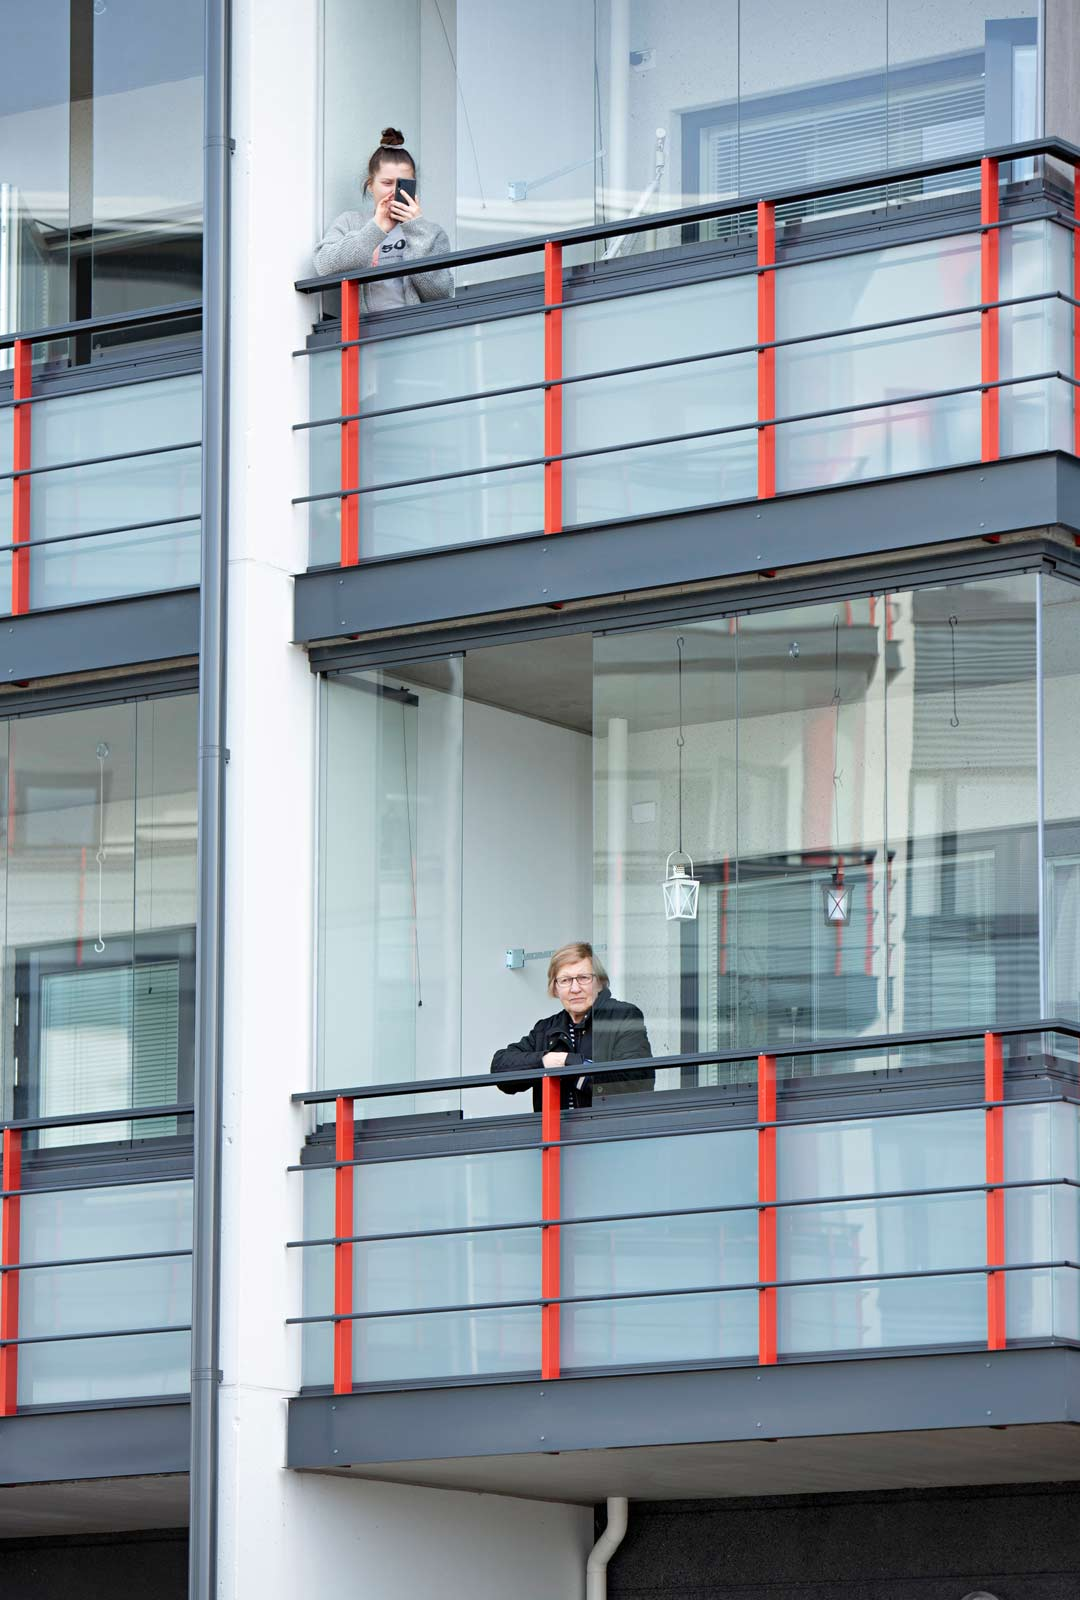 Karanteeni päällä. Mikkelin Graanin kaupunginosan kerrostalojen parvekkeilla riitti kuuntelijoita.